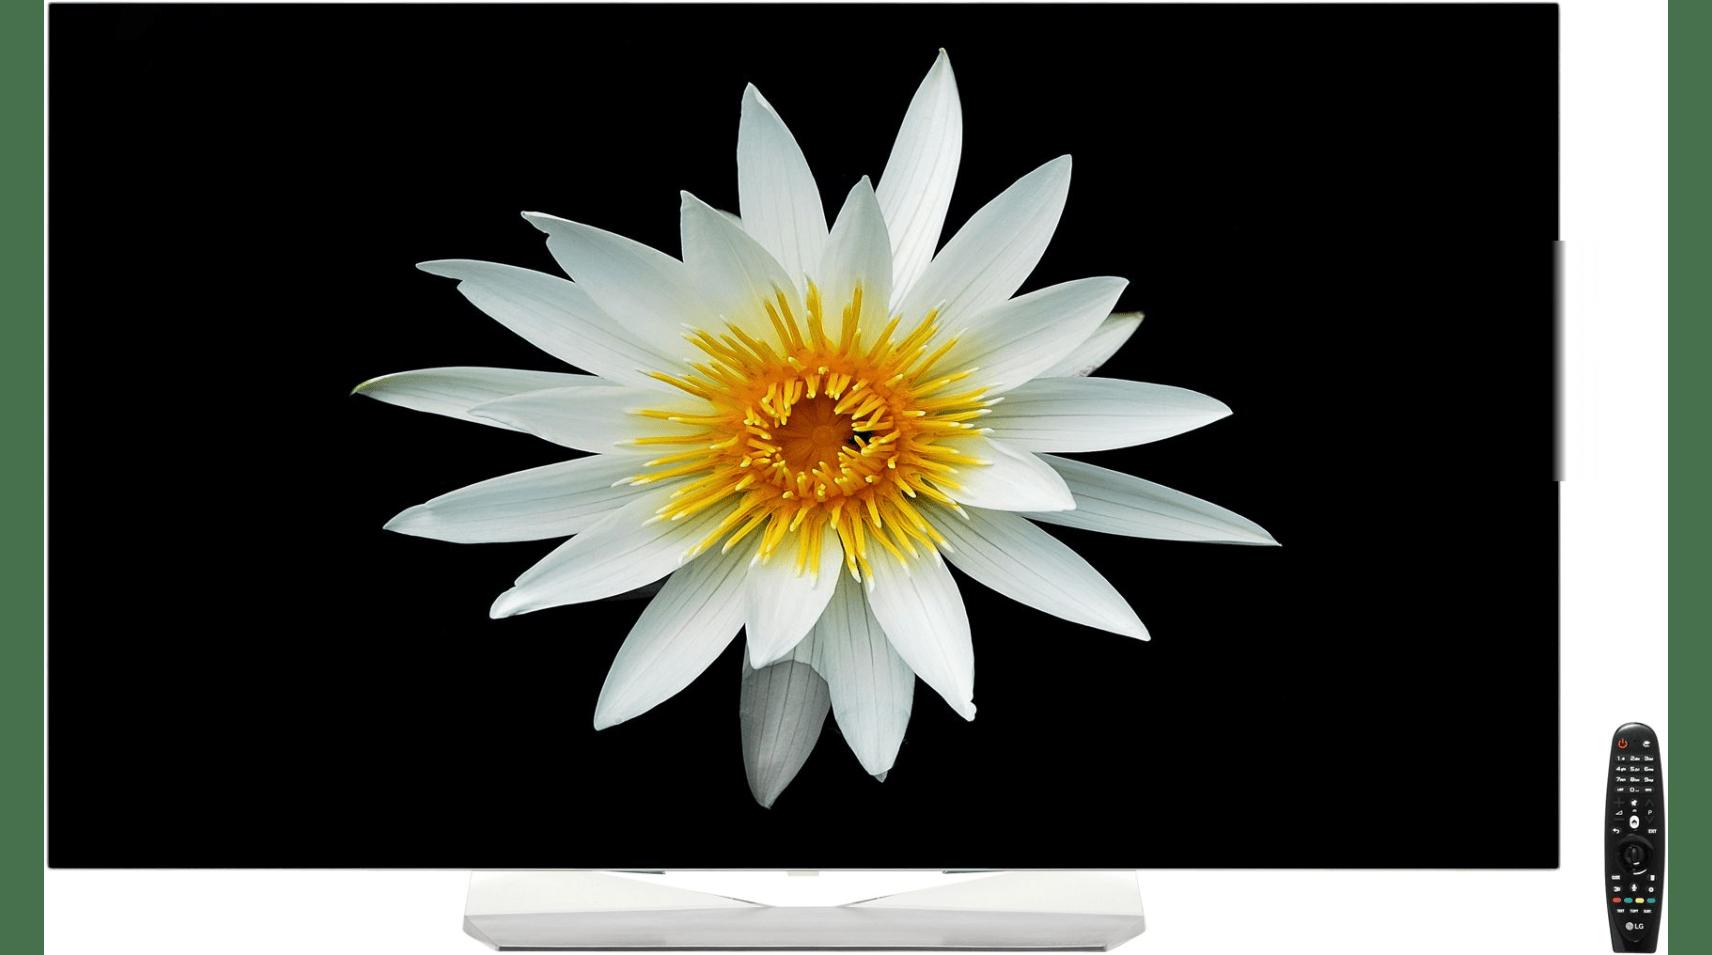 🔥 Soldes : la TV OLED LG 55″ 55EG9A7V est à 756 euros au lieu de 1000 euros